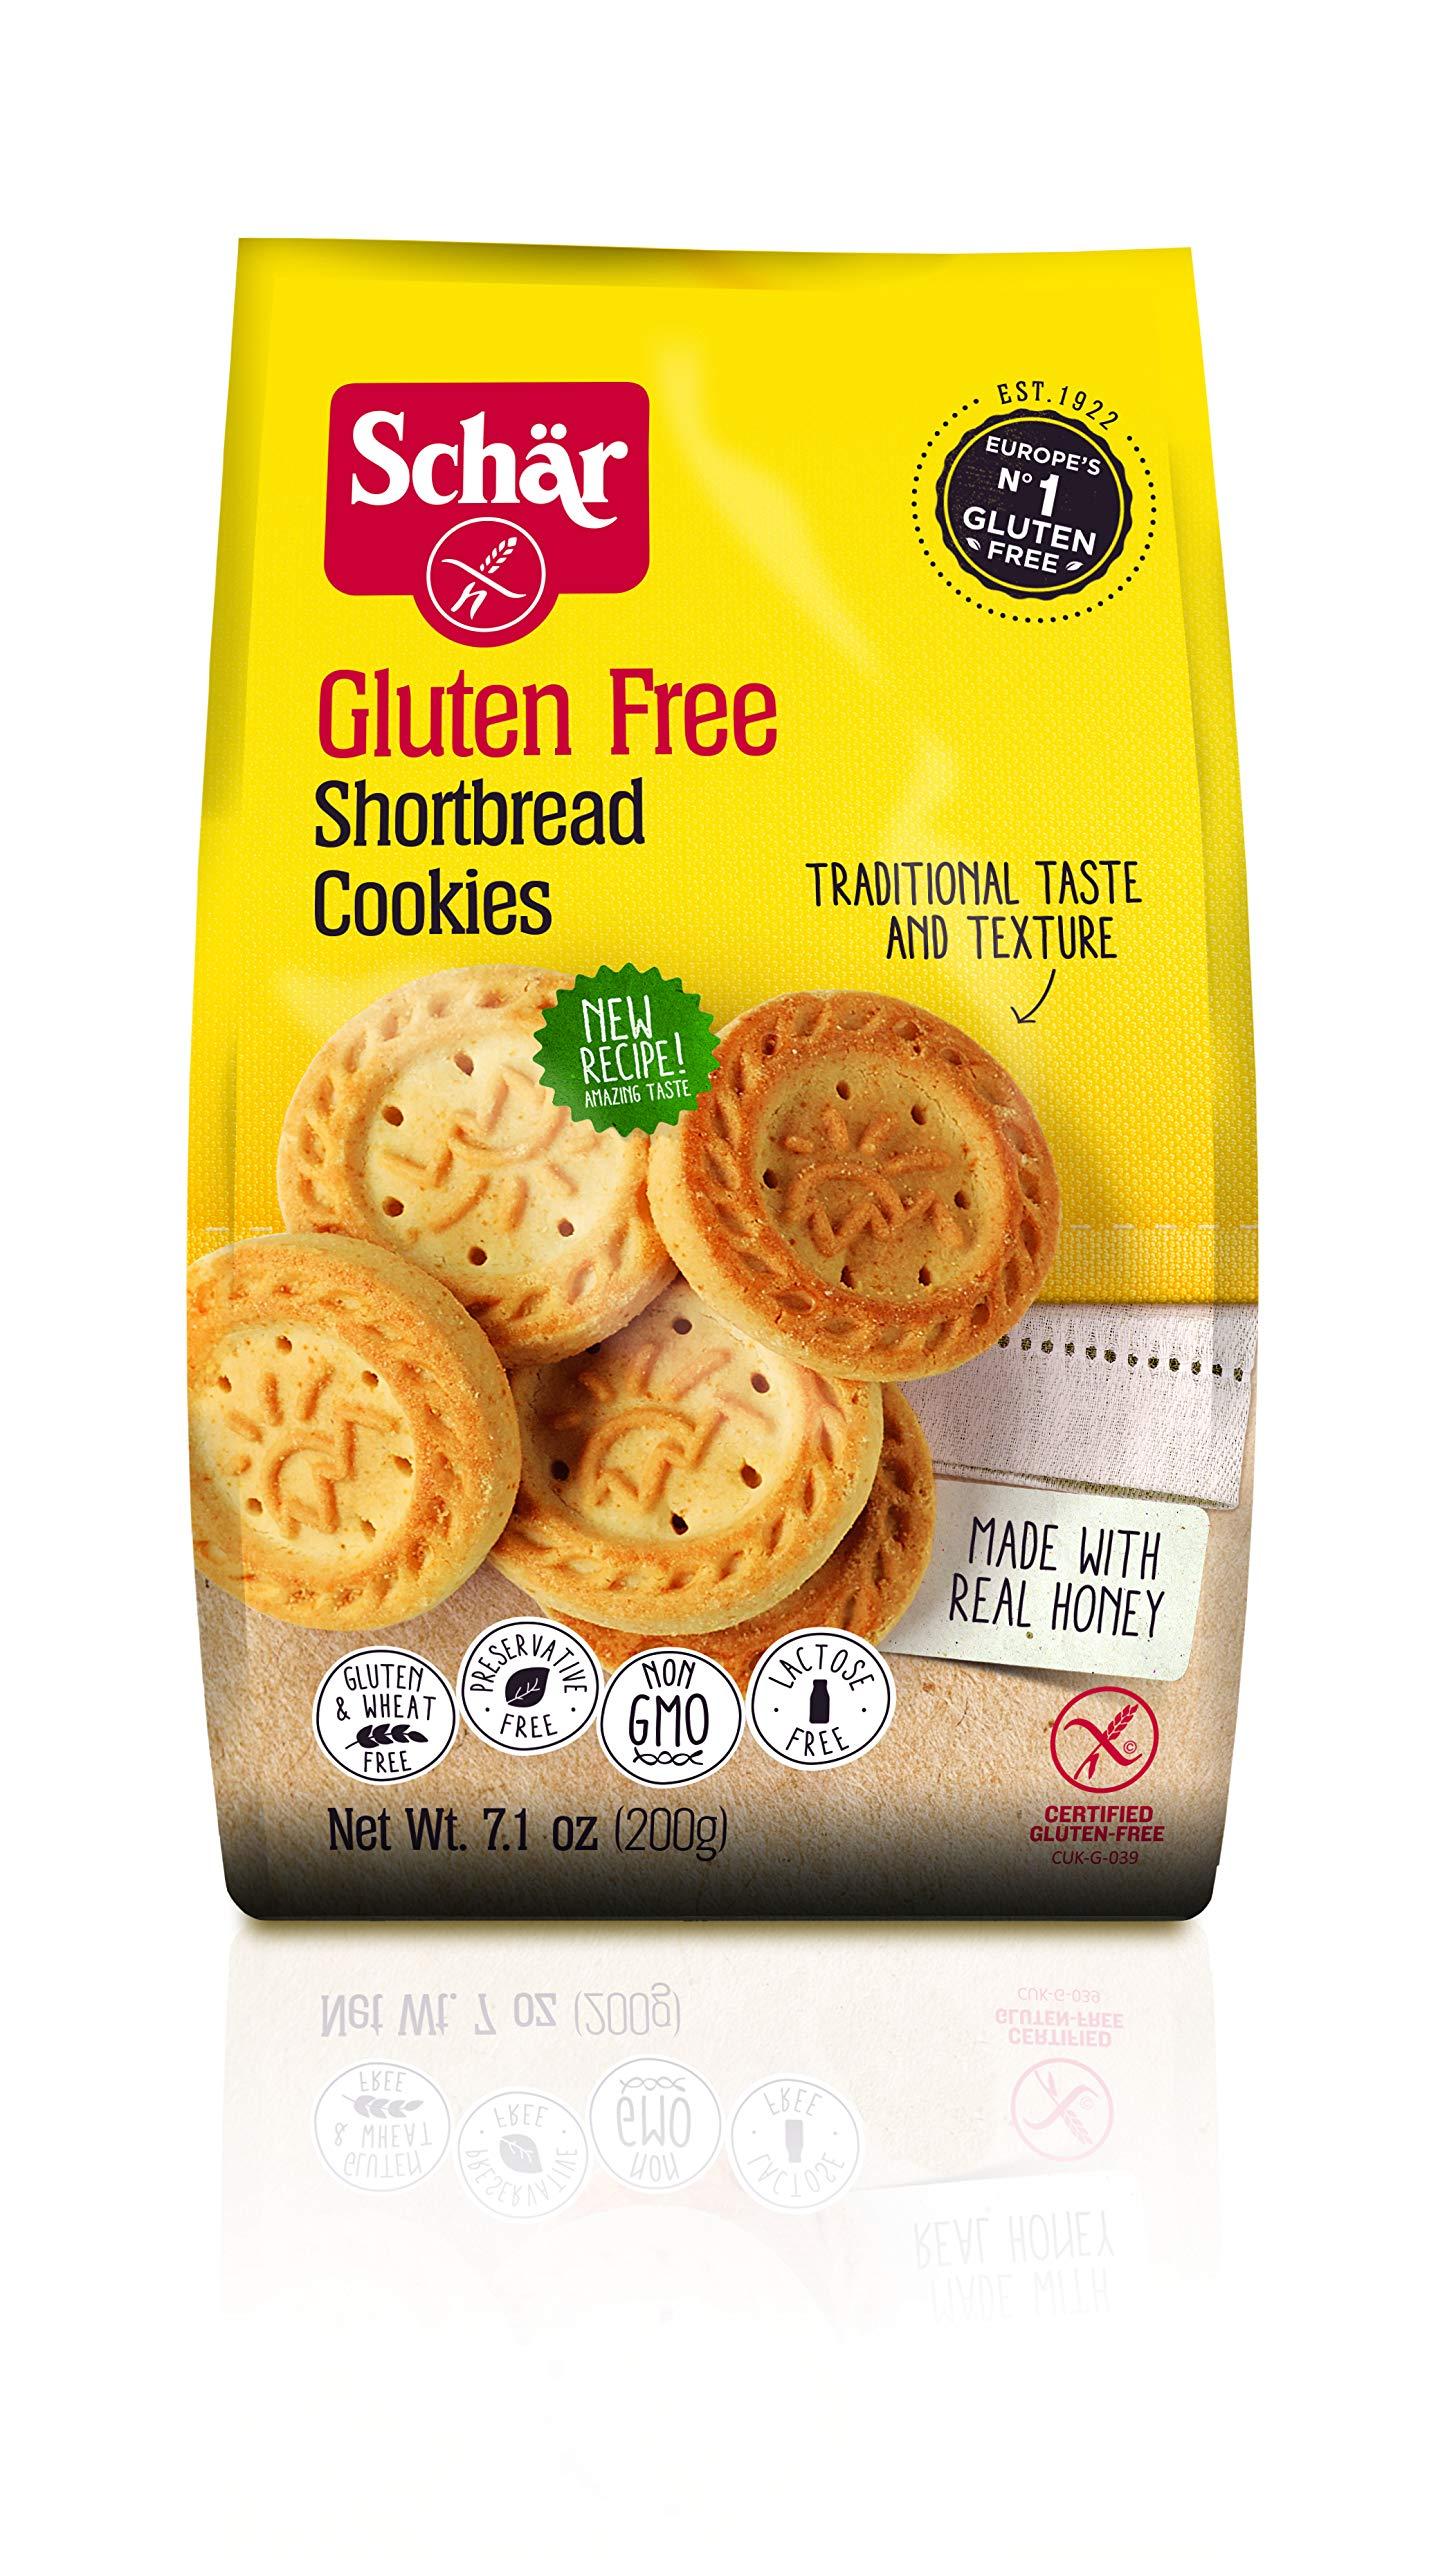 Schär Gluten Free Shortbread Cookies, 7 oz., 6-Pack by Schar